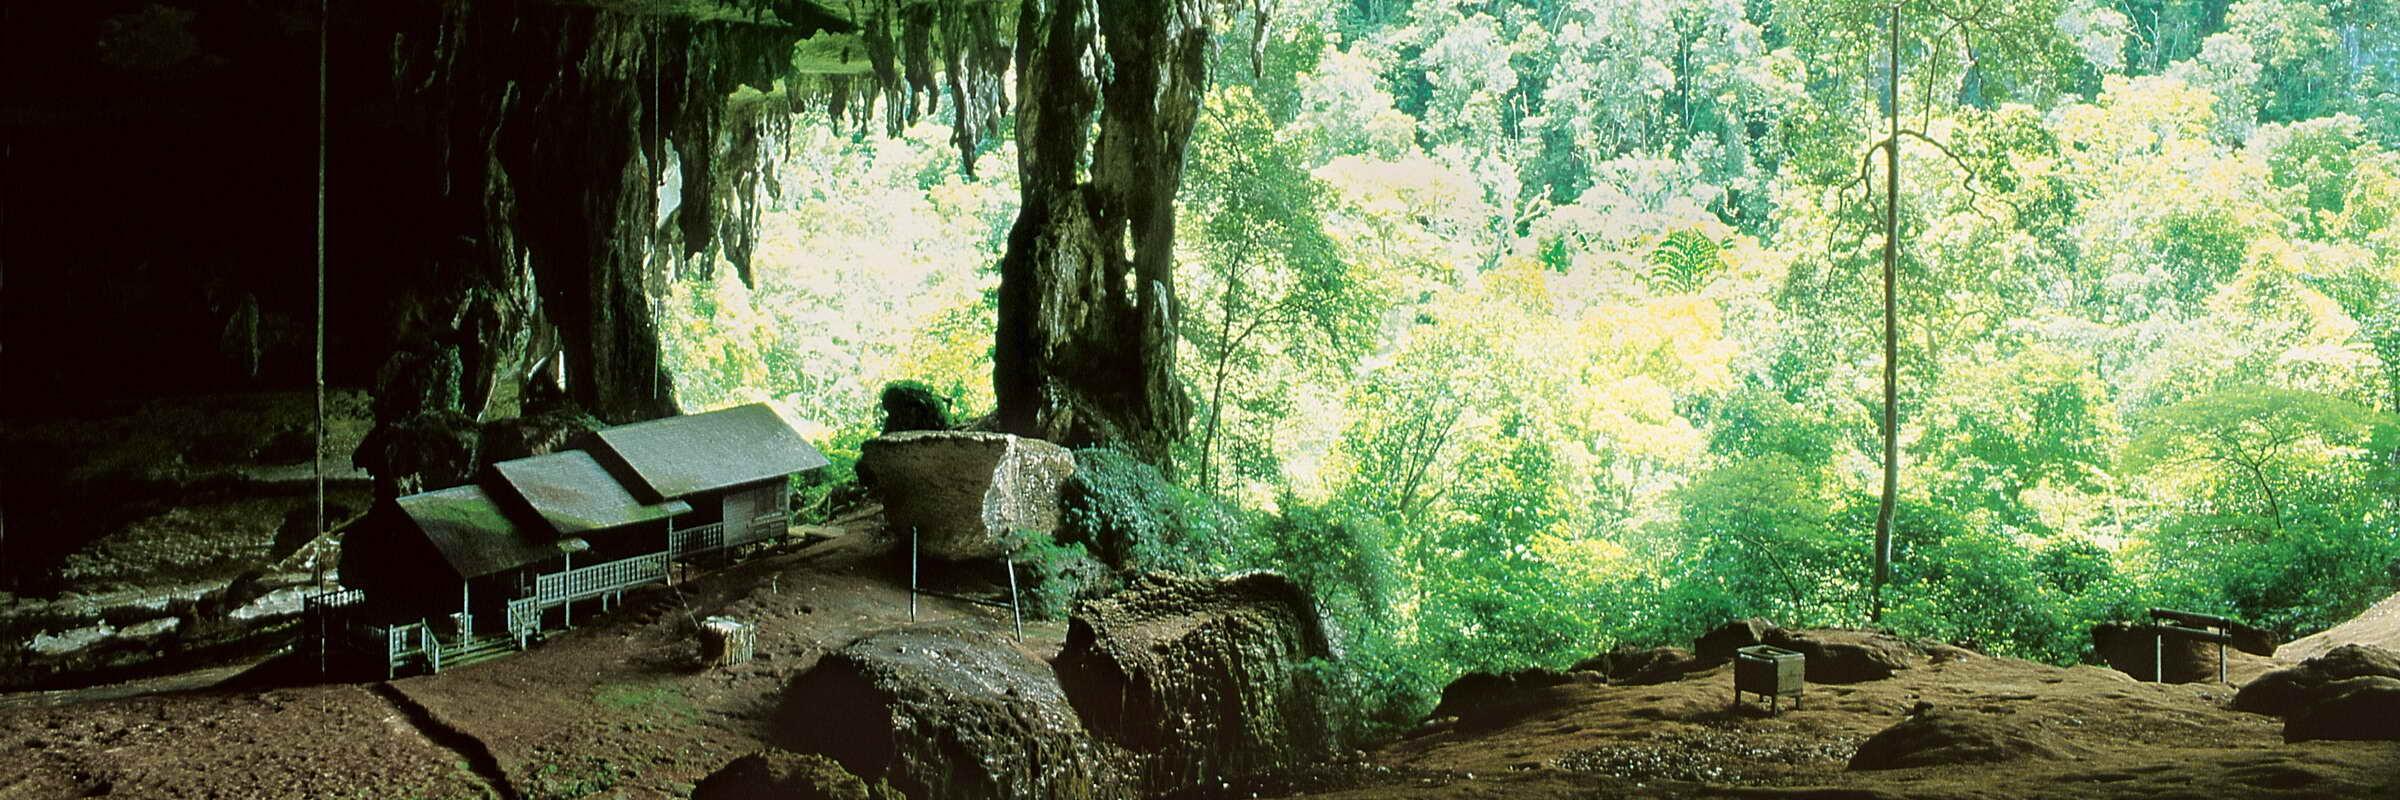 Die Niah-Höhlen auf Borneo sind eine wichtige archäologische Fundstätte, in der anhand von Fossilien nachgewiesen wurde, dass hier schon vor 40.000 Jahren Menschen lebten.